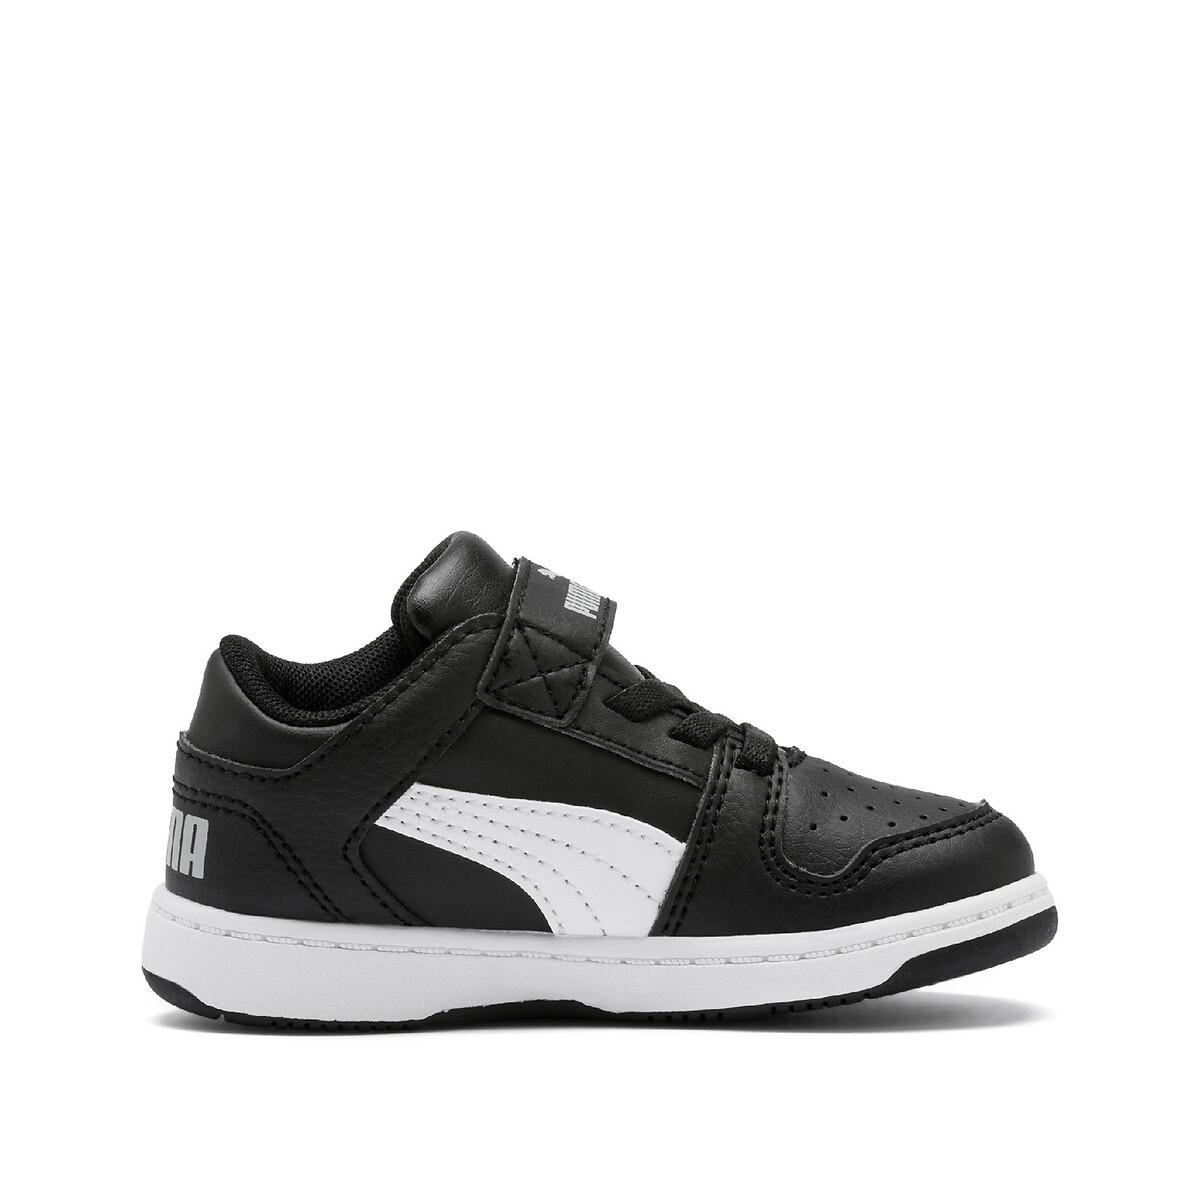 Puma Rebound Layup Lo SL V Inf sneakers zwart/wit online kopen